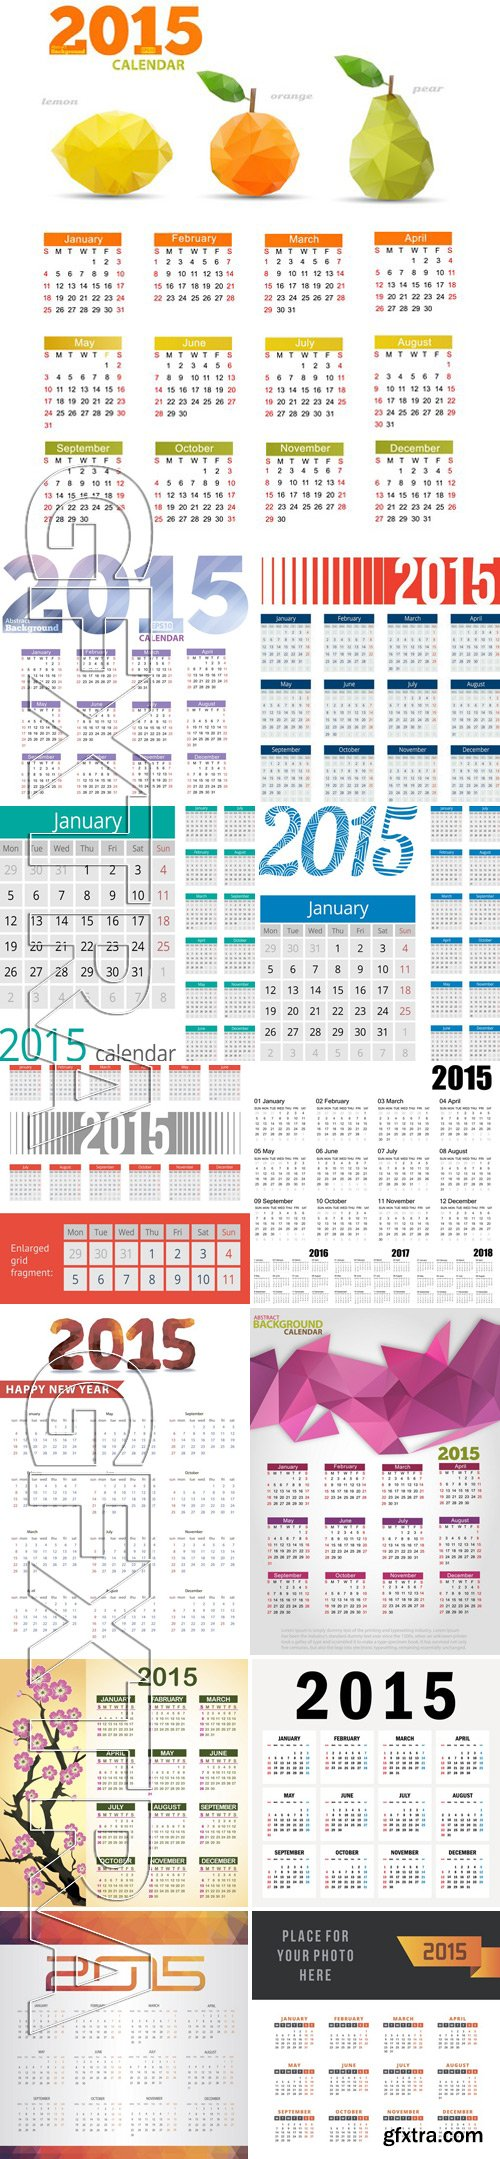 Stock Vectors - Calendar 2015 7